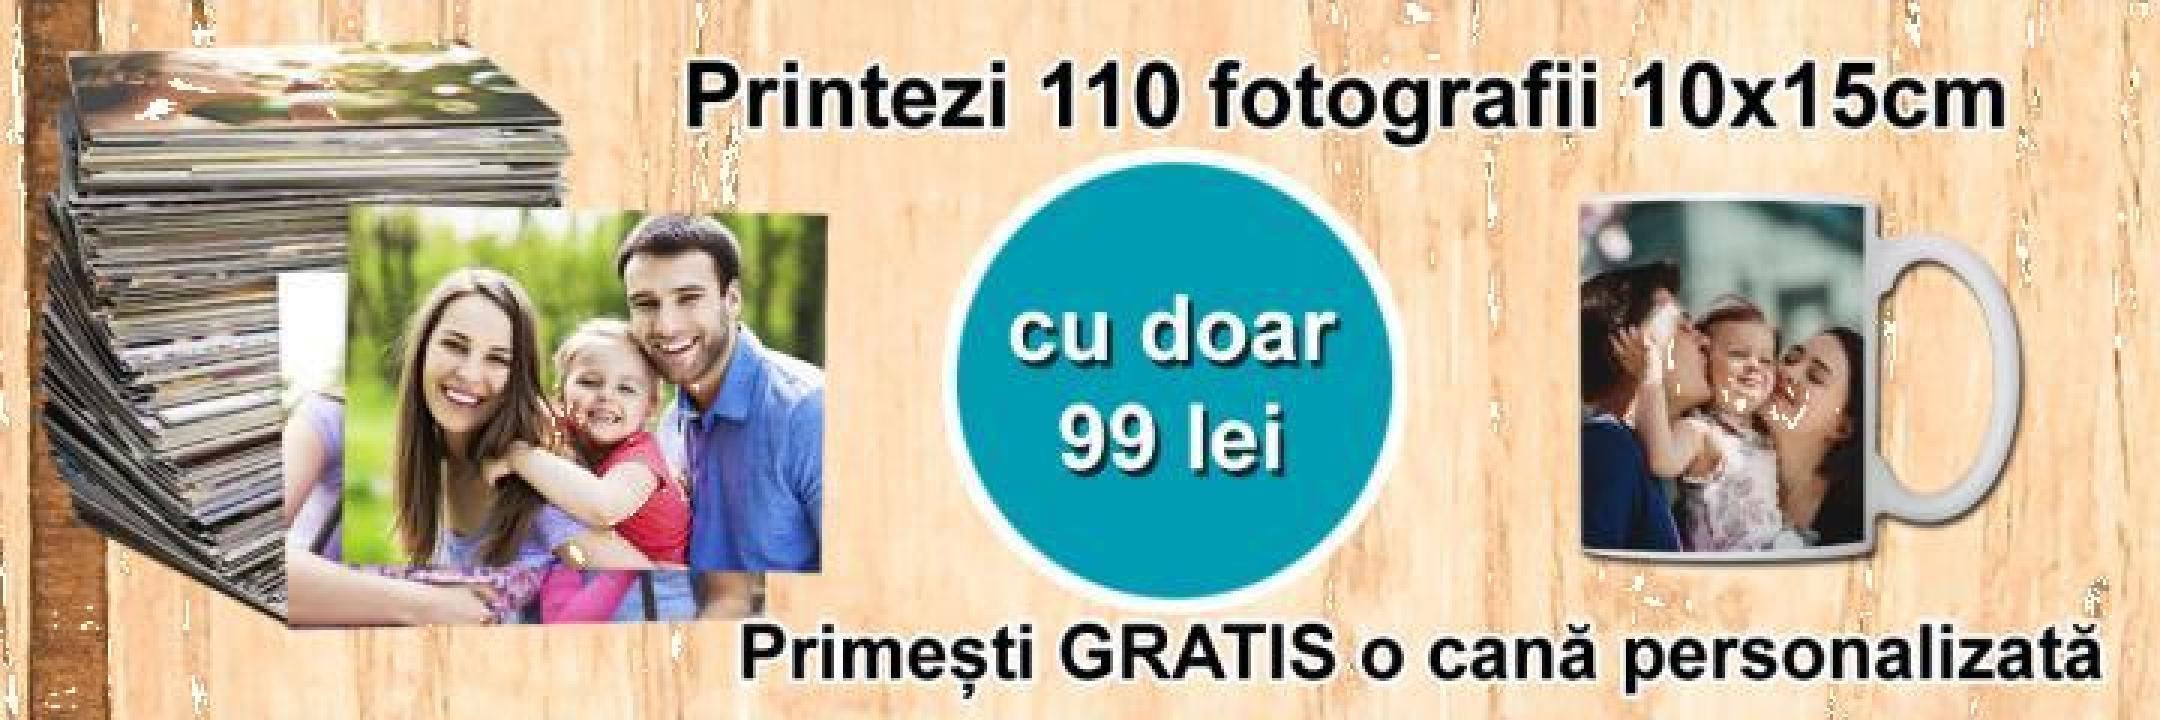 Cadou 110 poze cu cana personalizata